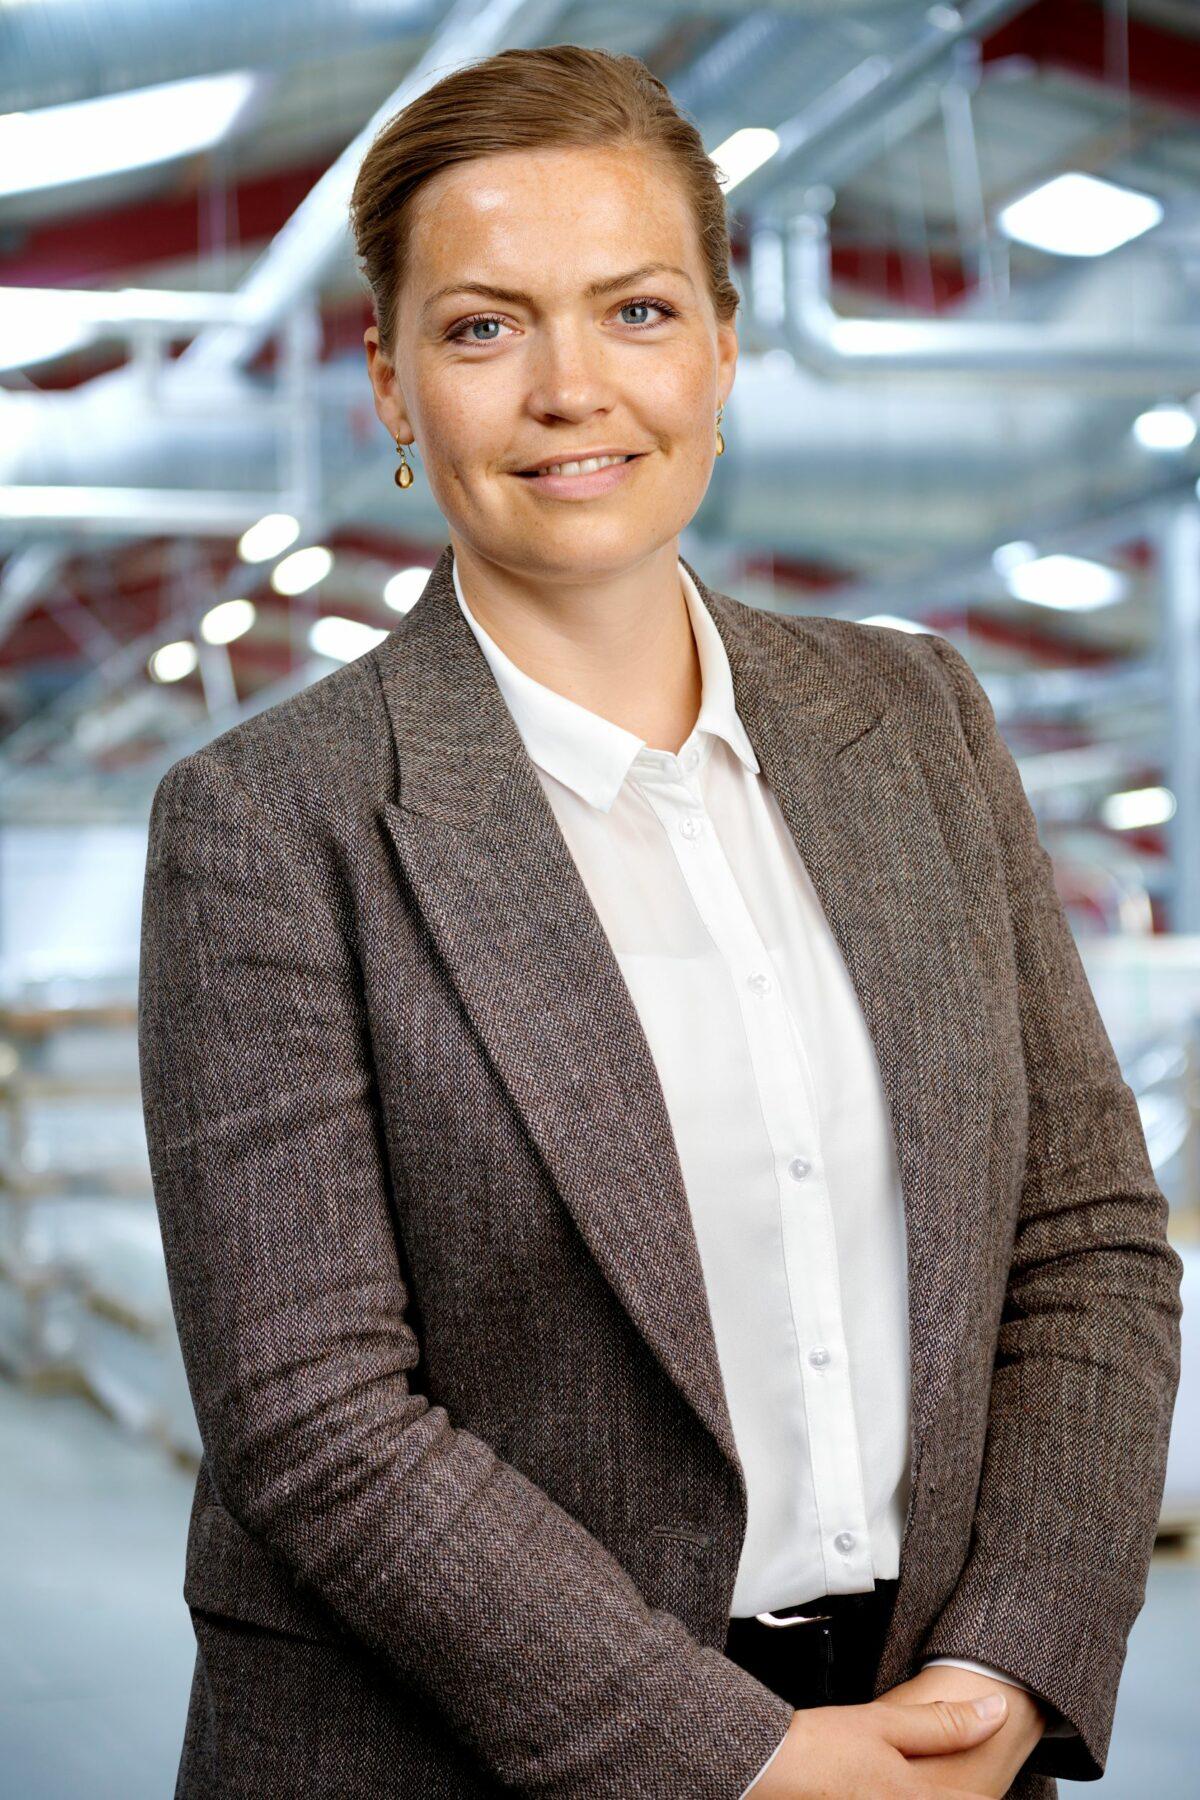 Dorthe Hillerup Vedsted